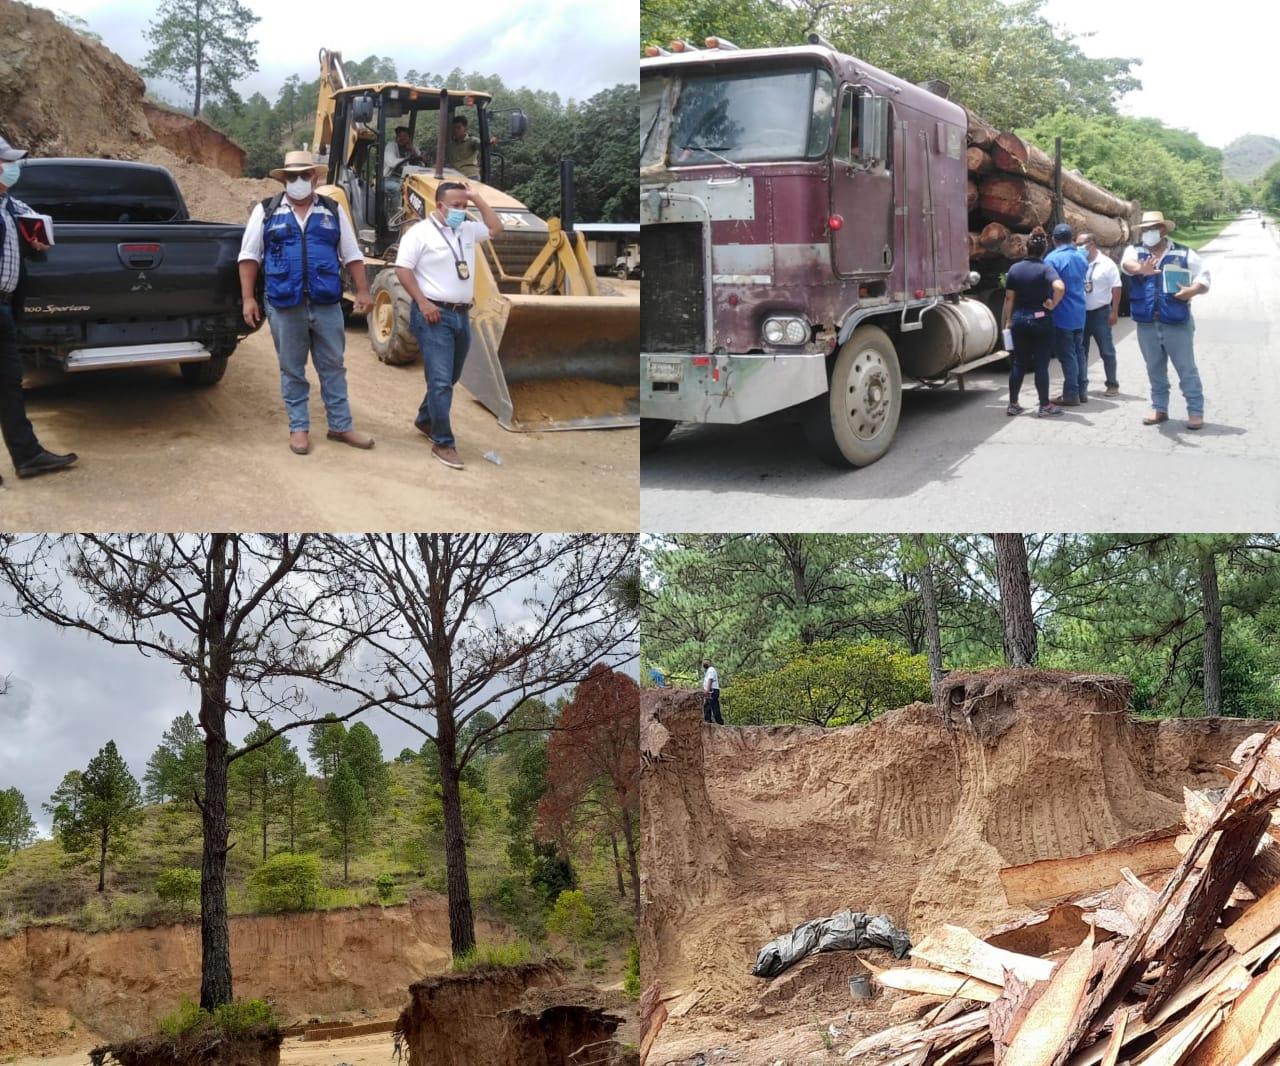 Durante OMEGA VI fiscales decomisan retroexcavadora y presentan acción penal por explotación ilegal agravada de recursos naturales en área protegida 1